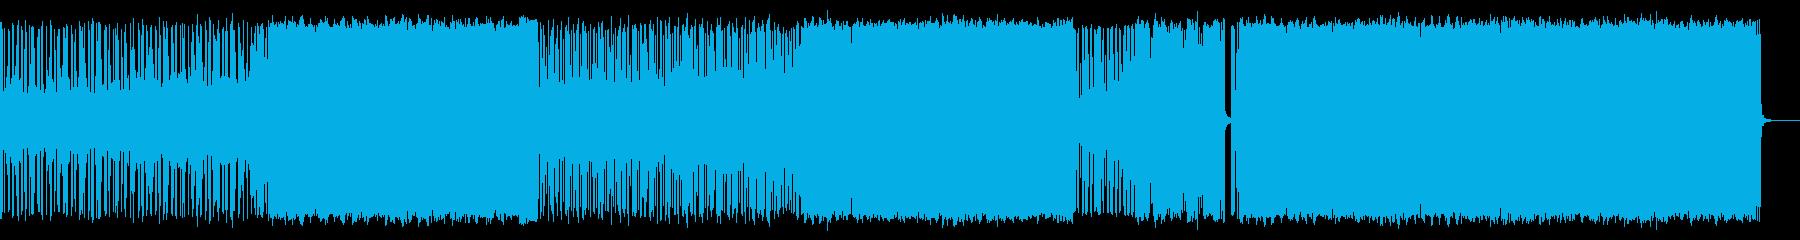 リードシンセによるロックンロールの再生済みの波形